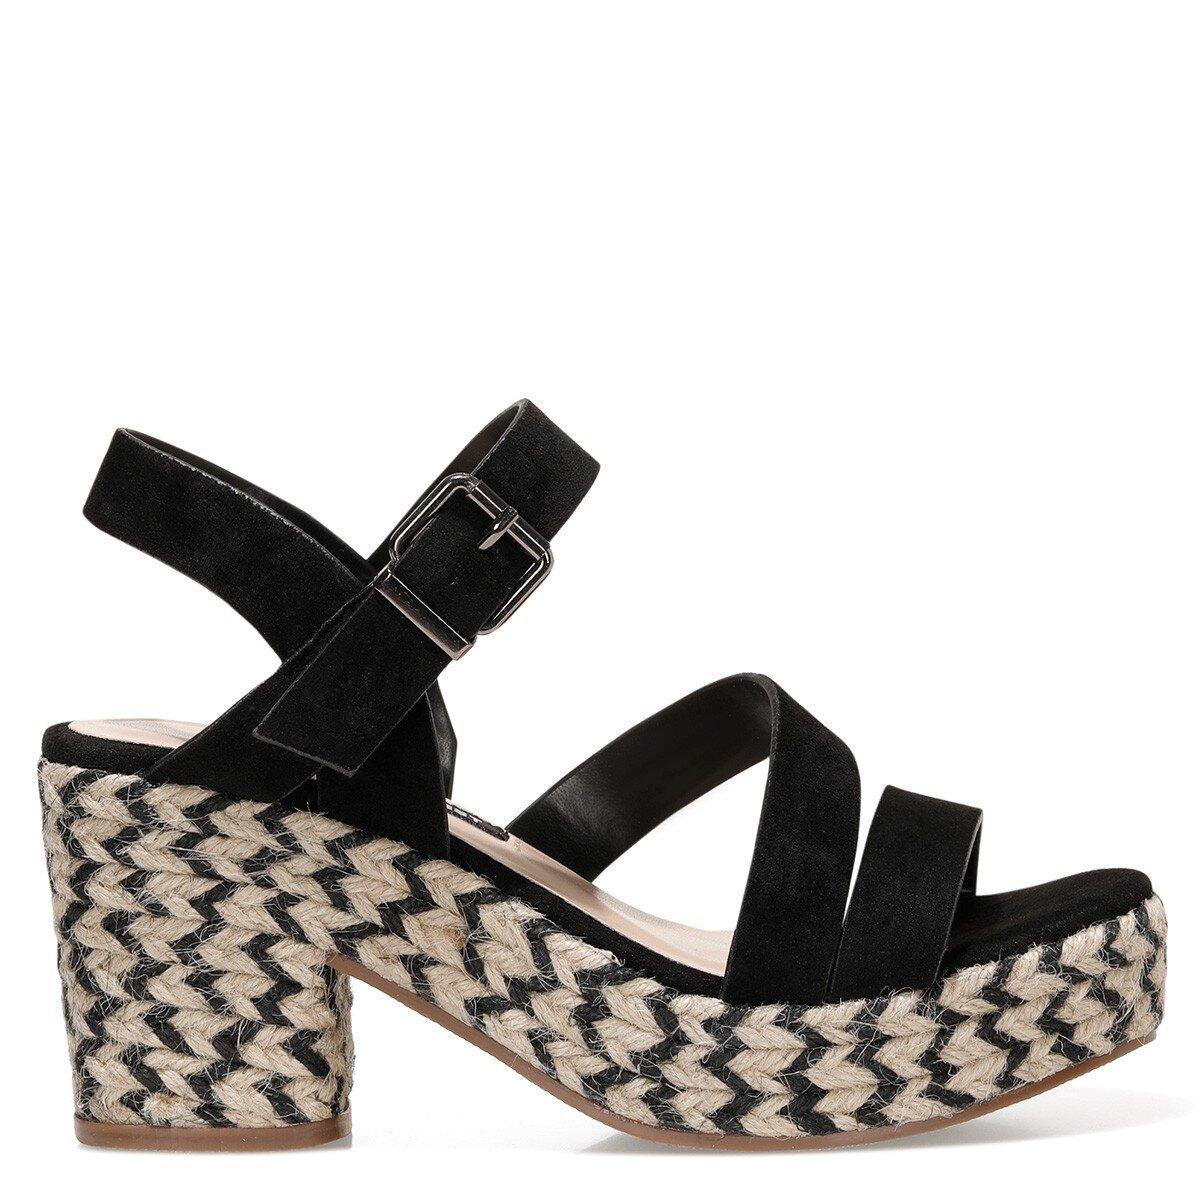 WEASANN 1FX Siyah Kadın Sandalet